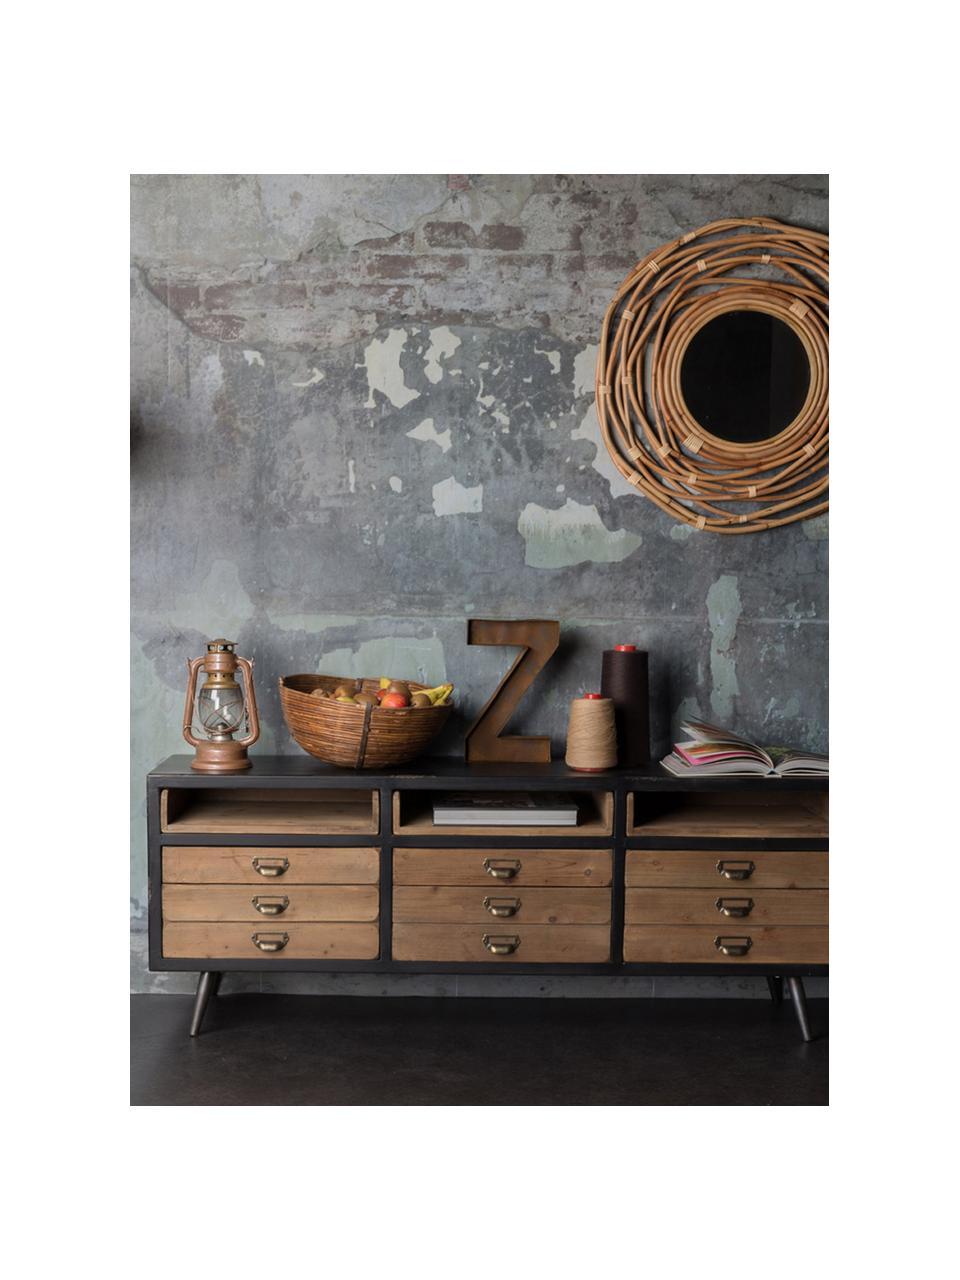 Szafka niska industrial Sol, Korpus: średniej gęstości płyta p, Czarny, drewno sosnowe, S 155 x W 58 cm